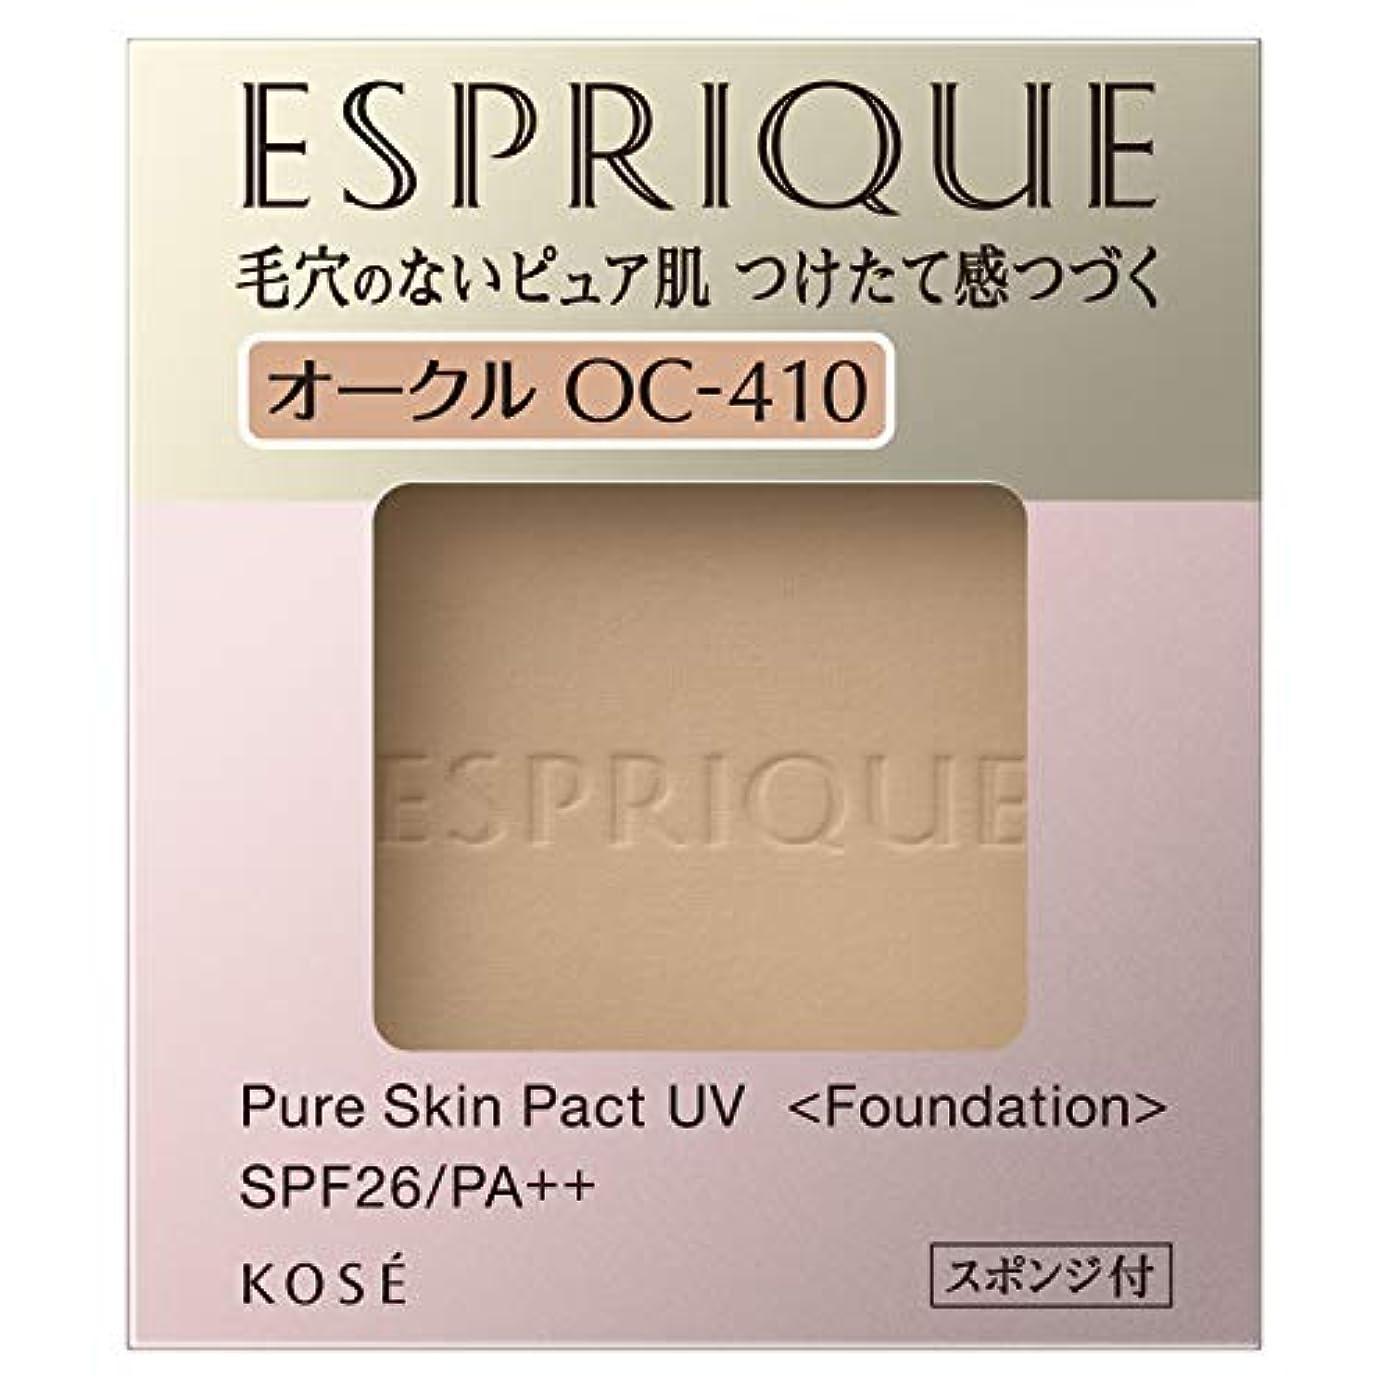 続けるぎこちない混沌エスプリーク ピュアスキン パクト UV OC-410 オークル 9.3g